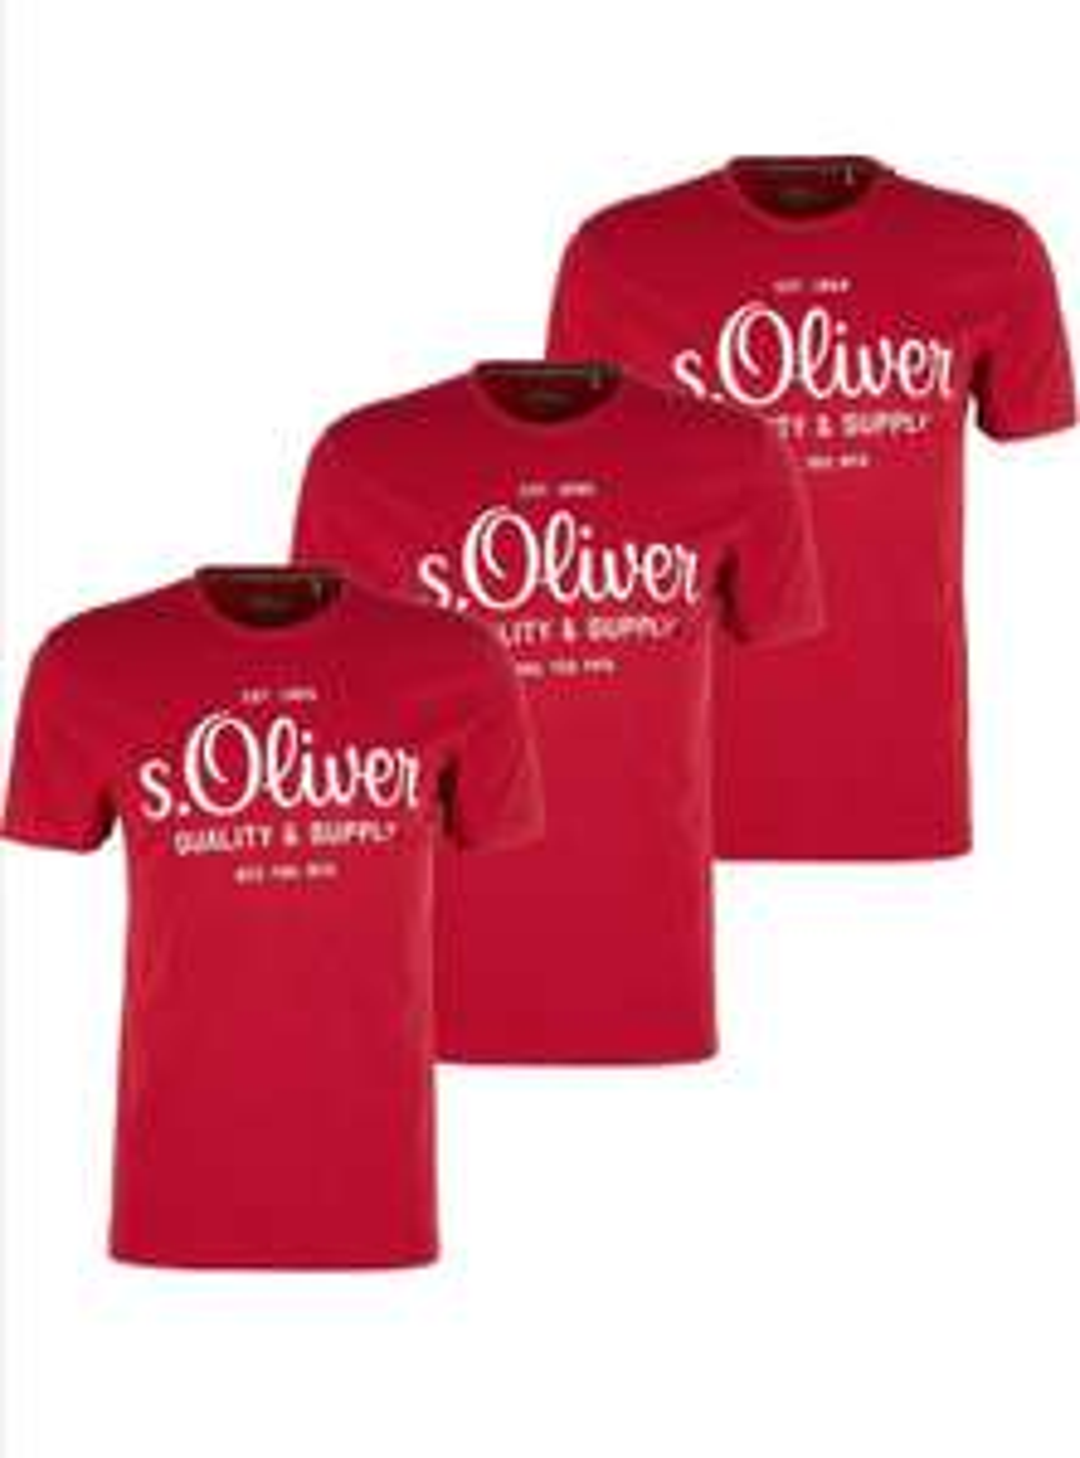 s.Oliver T-Shirt 3x rot gr.M für 13,99€